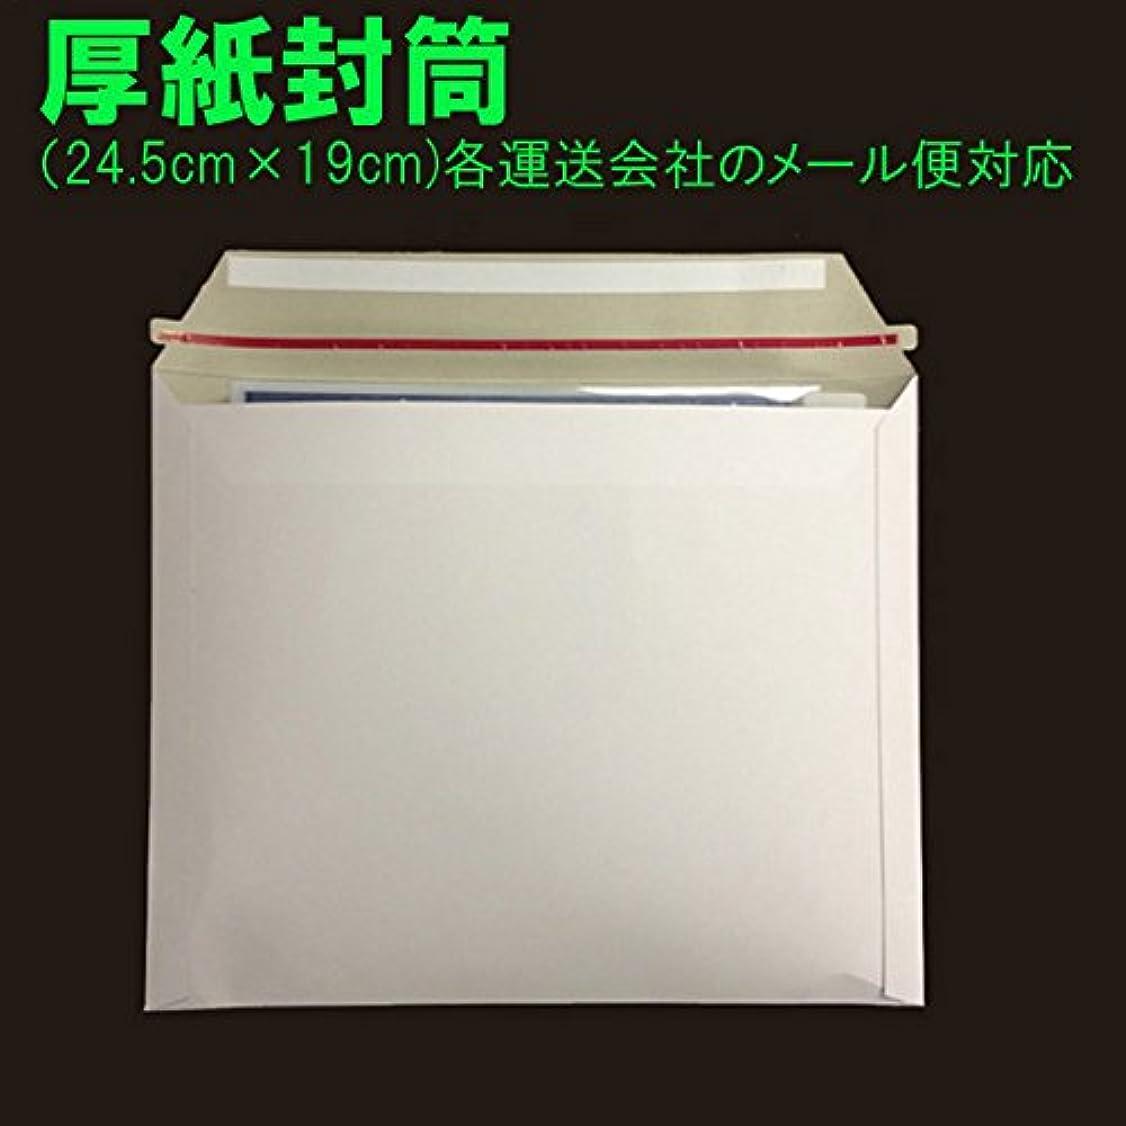 に勝るきしむ取り除くボックスバンク 厚紙封筒(封筒)角2?A4版 50枚セット クリックポスト対応 OM01-0050